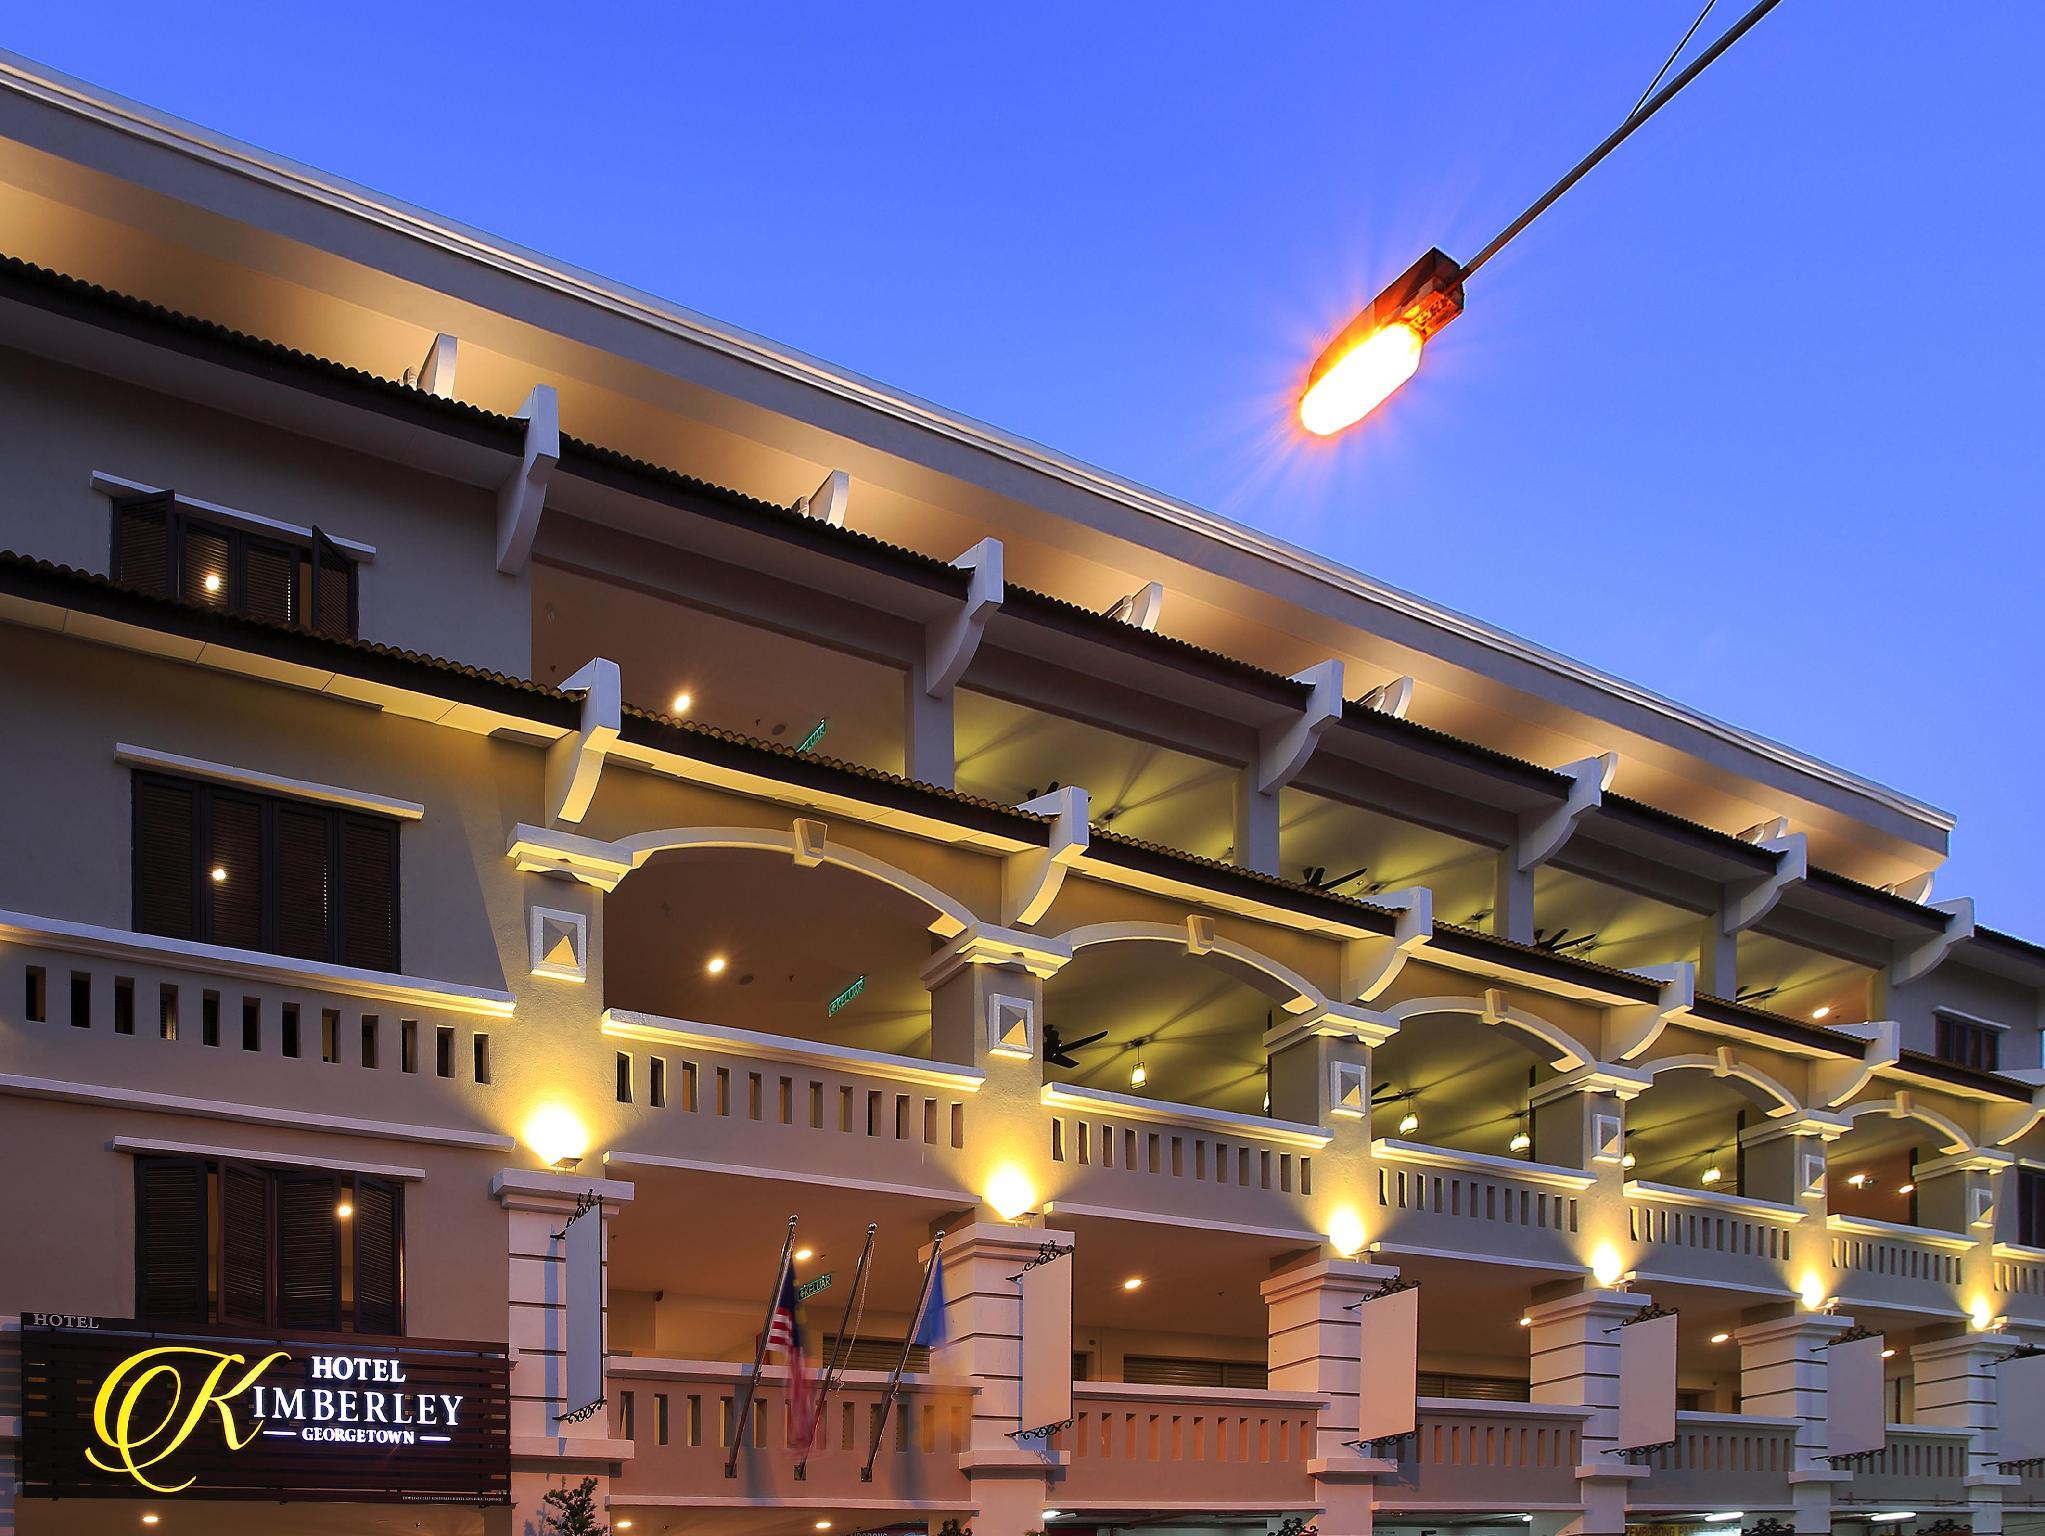 Kimberley Hotel Georgetown Penang Promo Terbaru 2020 Rp 283251